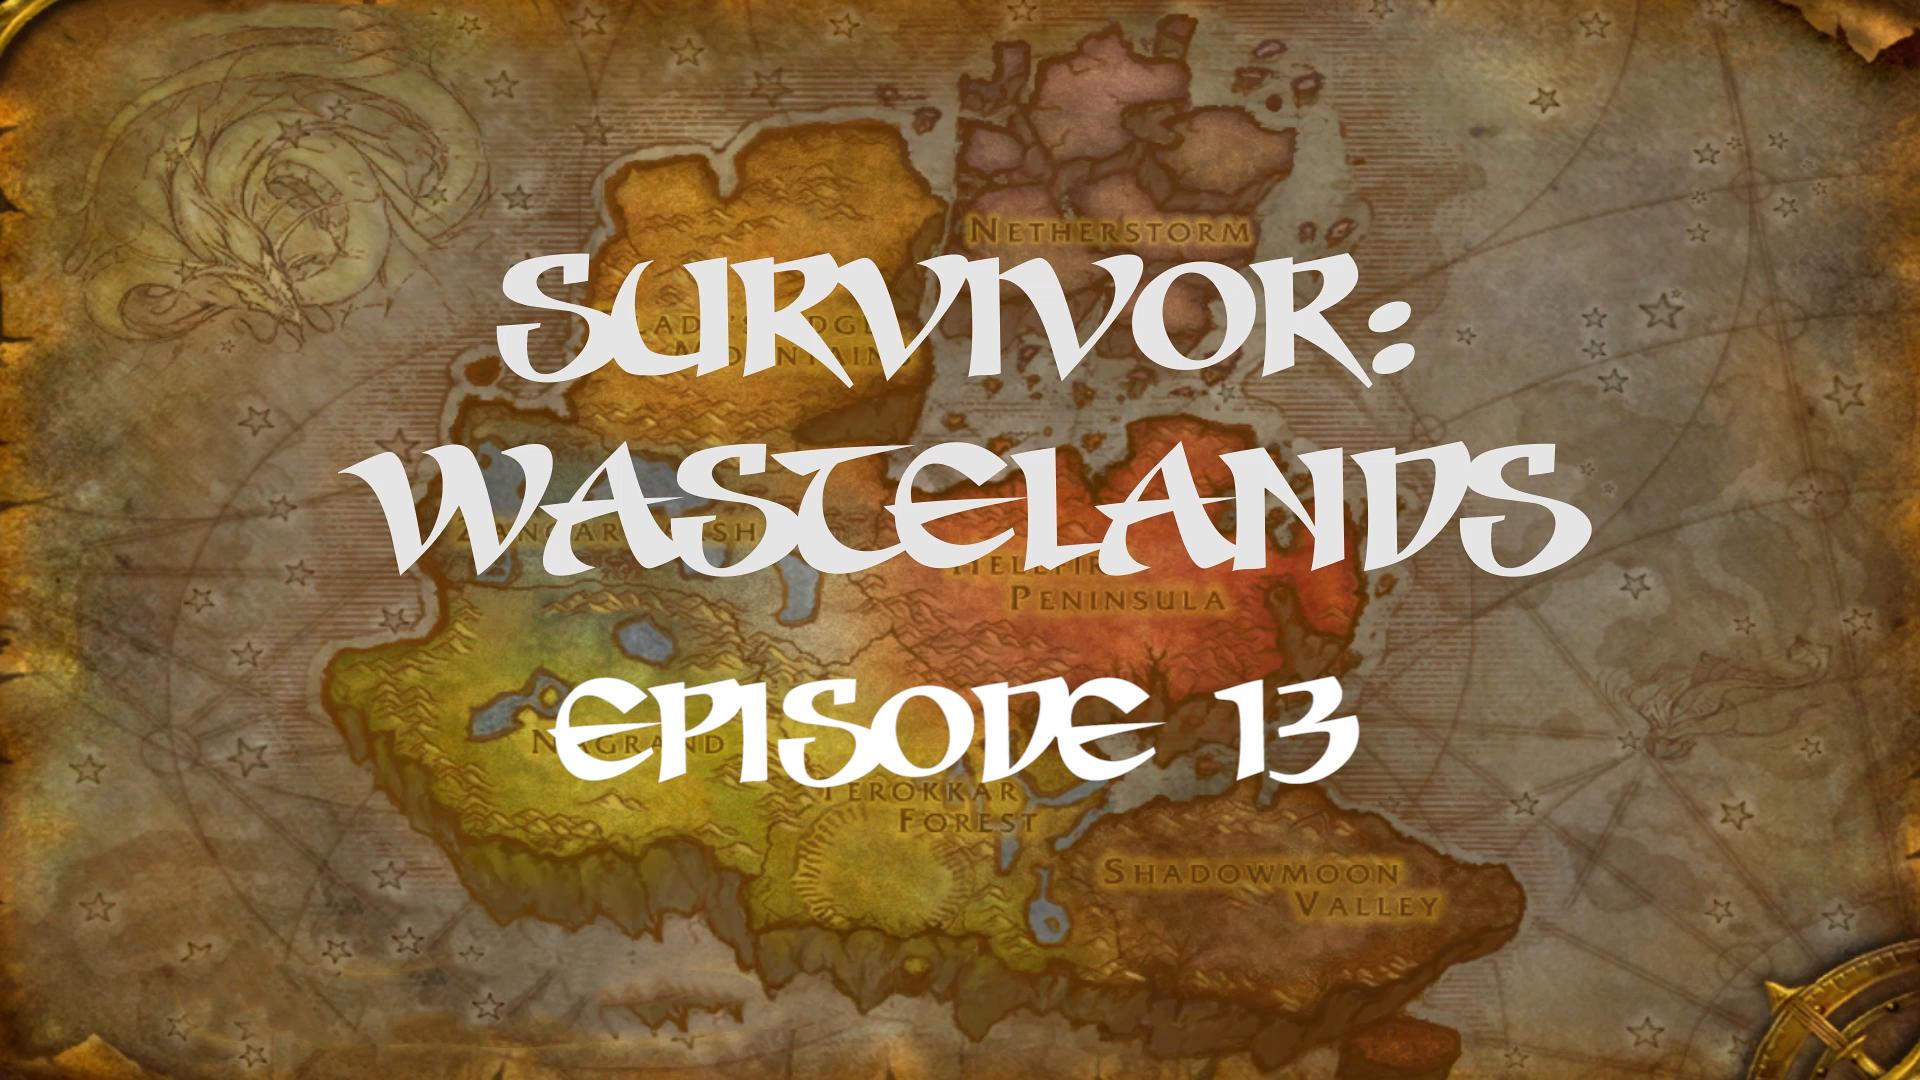 Survivor Wastelands Episode 13.jpg